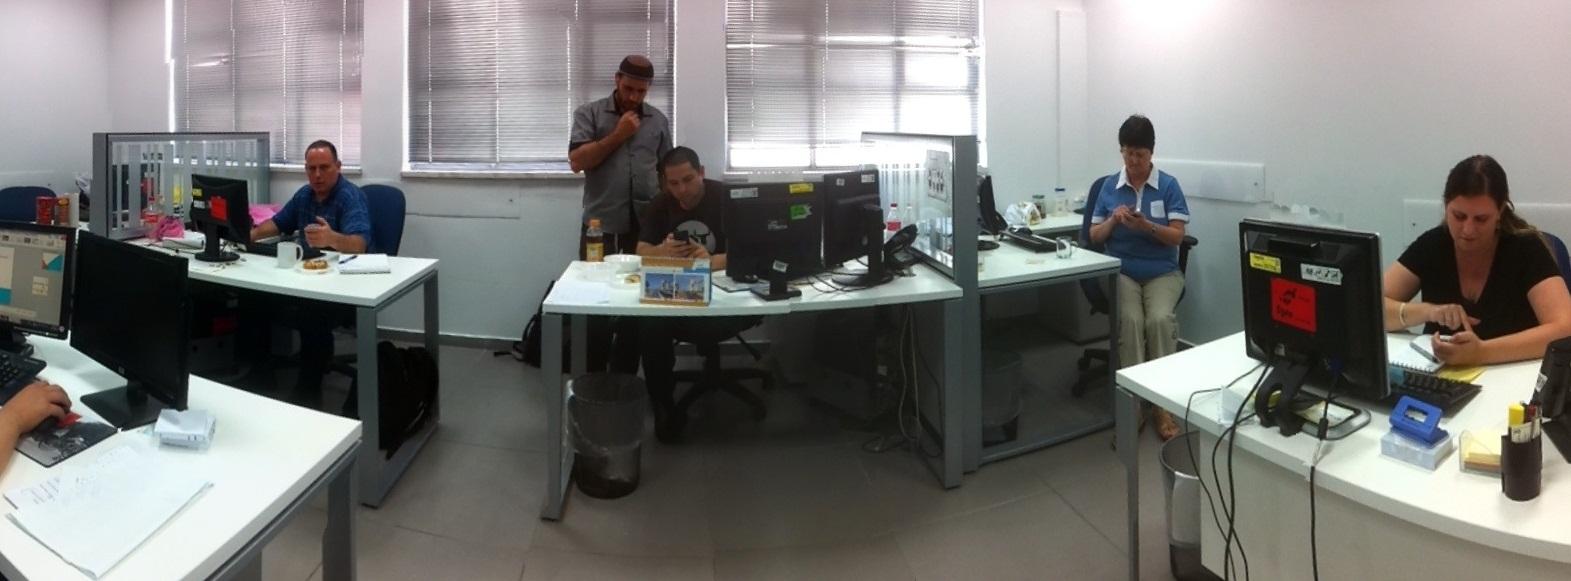 שם השולח: יעל חקשוריאן. תמונה של יום עבודה שגרתי של הצוות שעובד איתי במשרד.  גם לאלו שיש יותר ממסך מחשב אחד על השולחן, עדיין כולם עסוקים גם עם המסך של הסמארטפון. צלמתי את התמונה באמצאות האייפון שלי, עם אפליקציה שמאפשרת לצלם תמונה פנורמית - Photosynth.